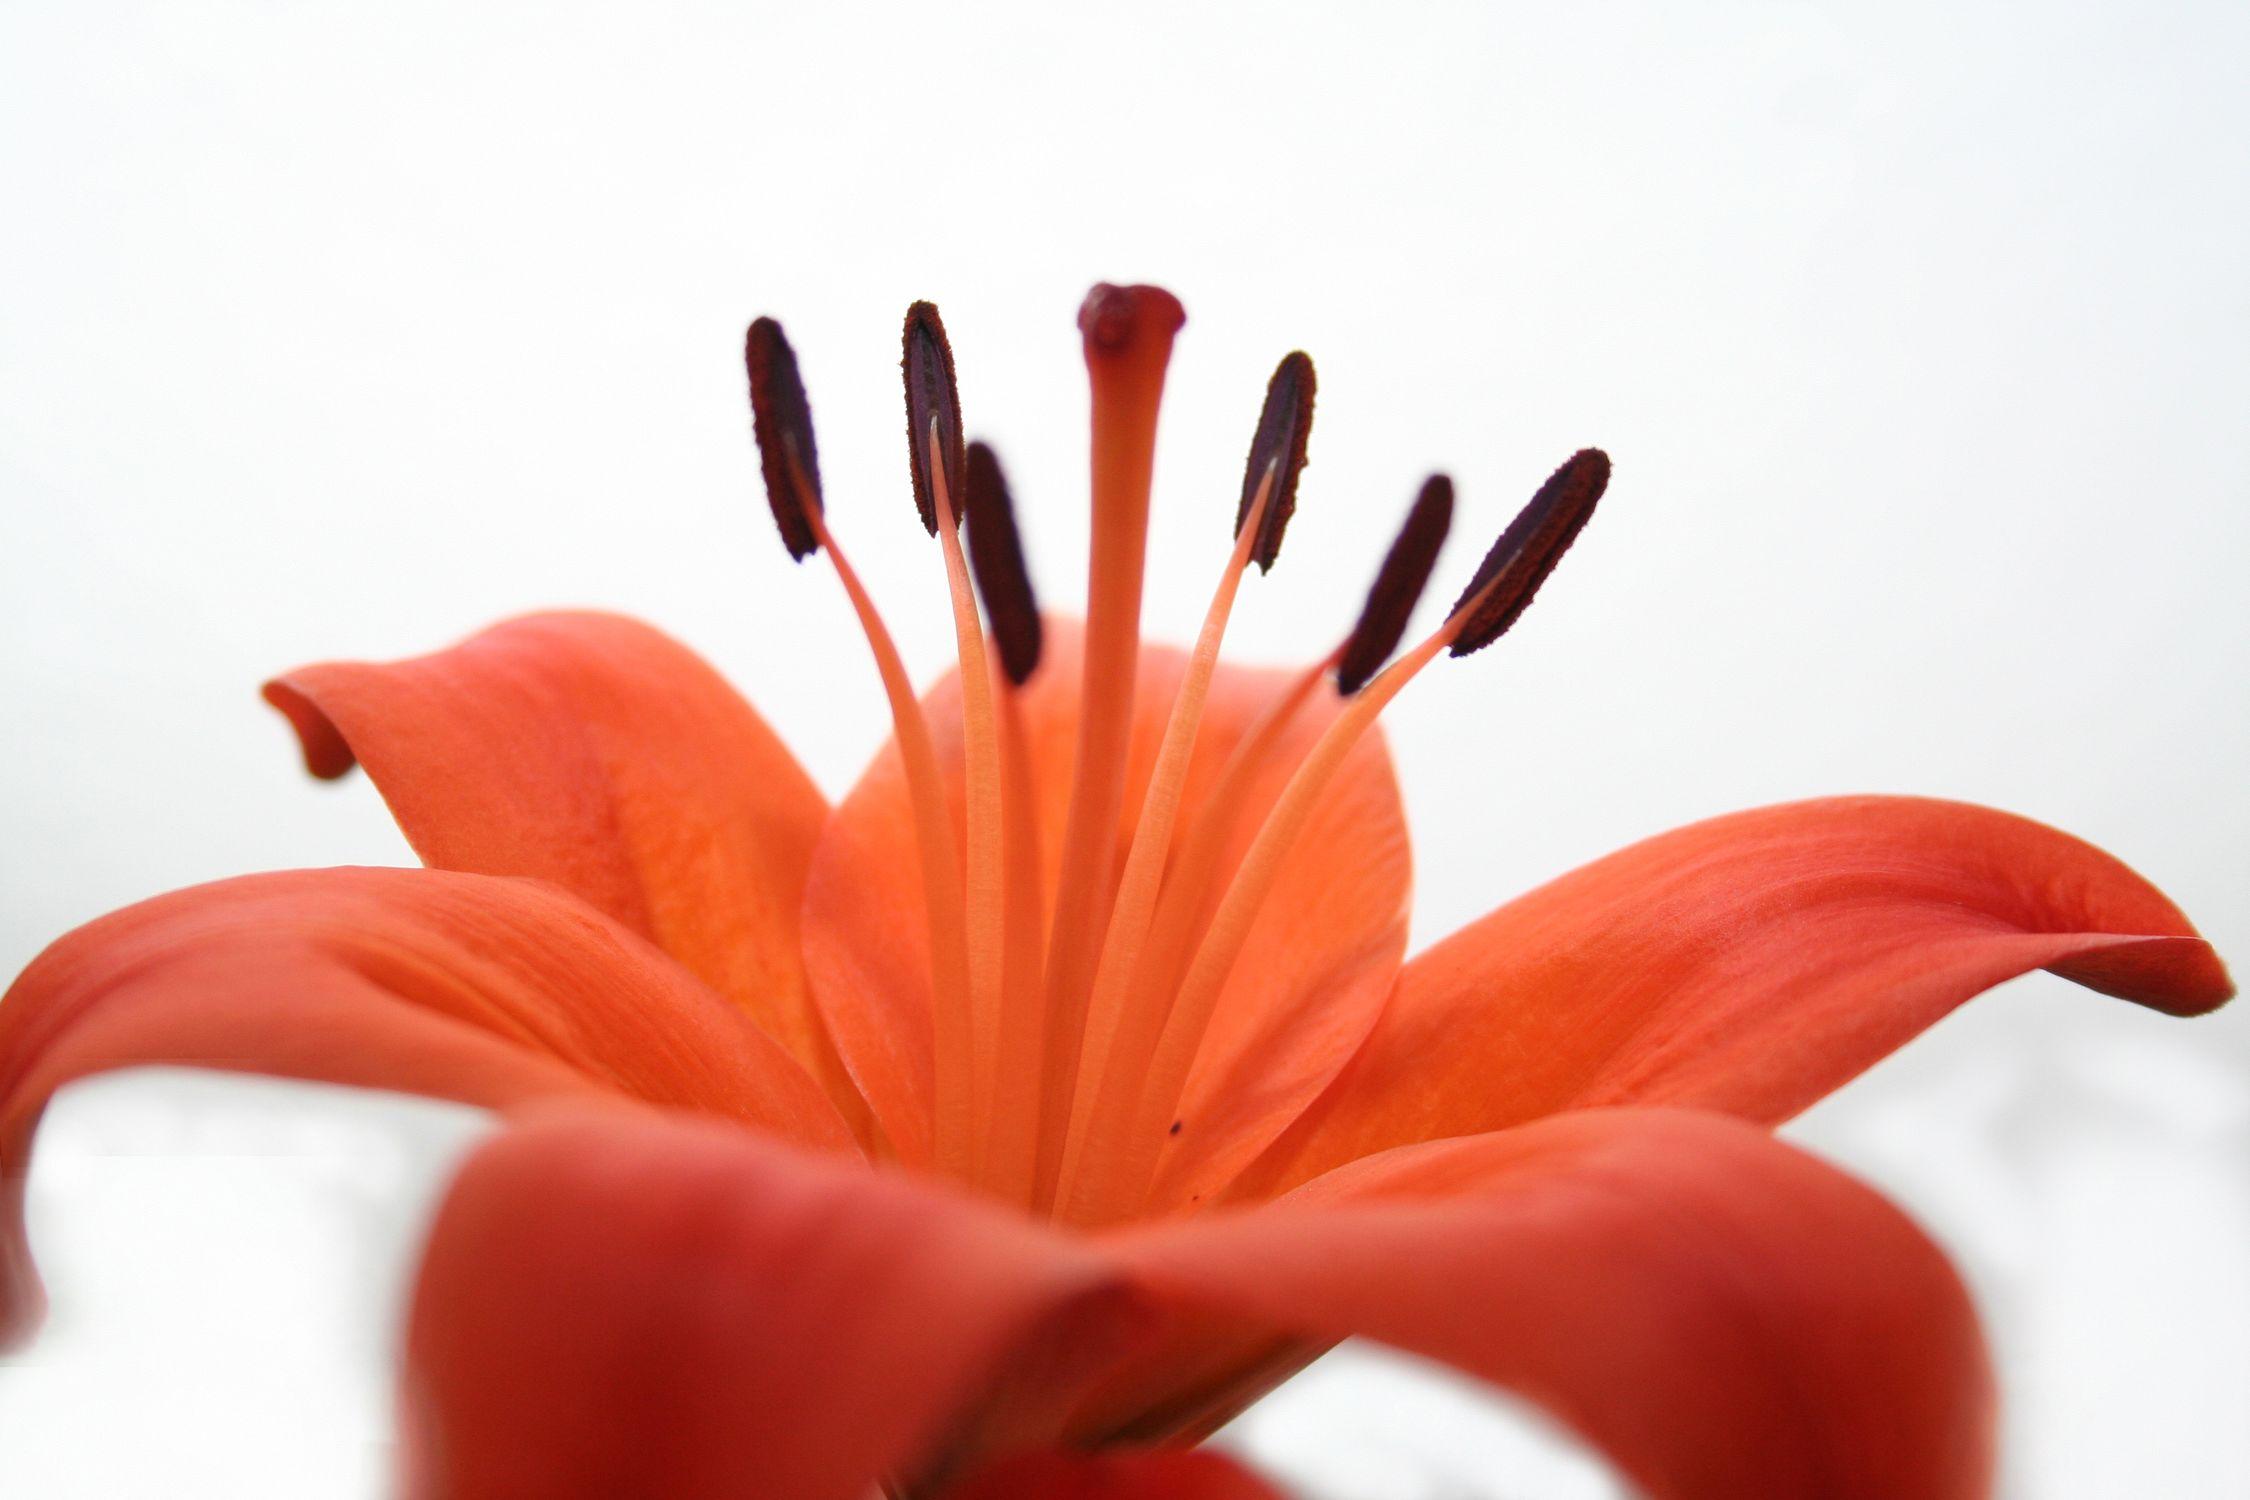 Bild mit Farben, Orange, Natur, Pflanzen, Blumen, Rot, Blume, Pflanze, Lilie